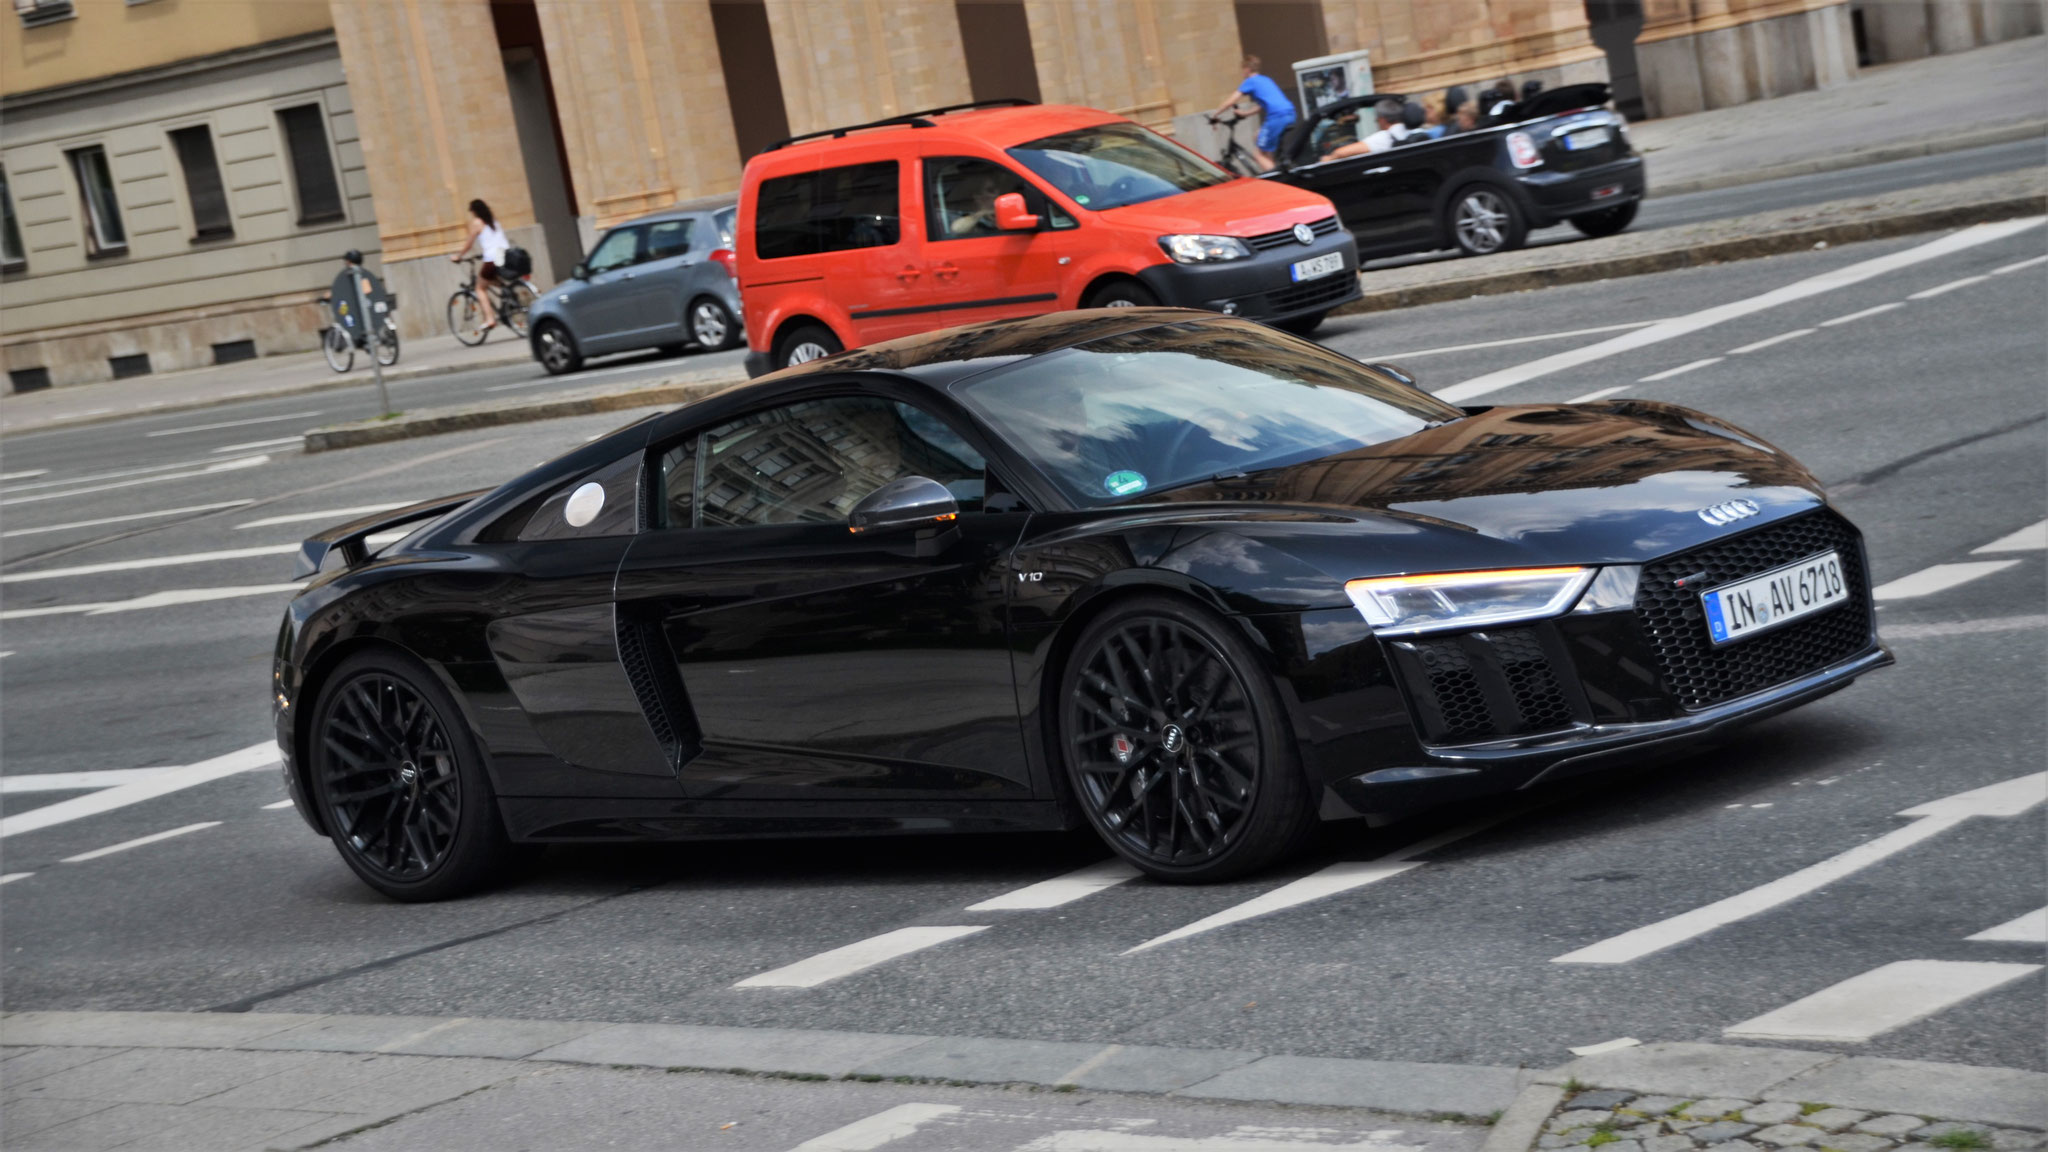 Audi R8 V10 - IN-AV-6718